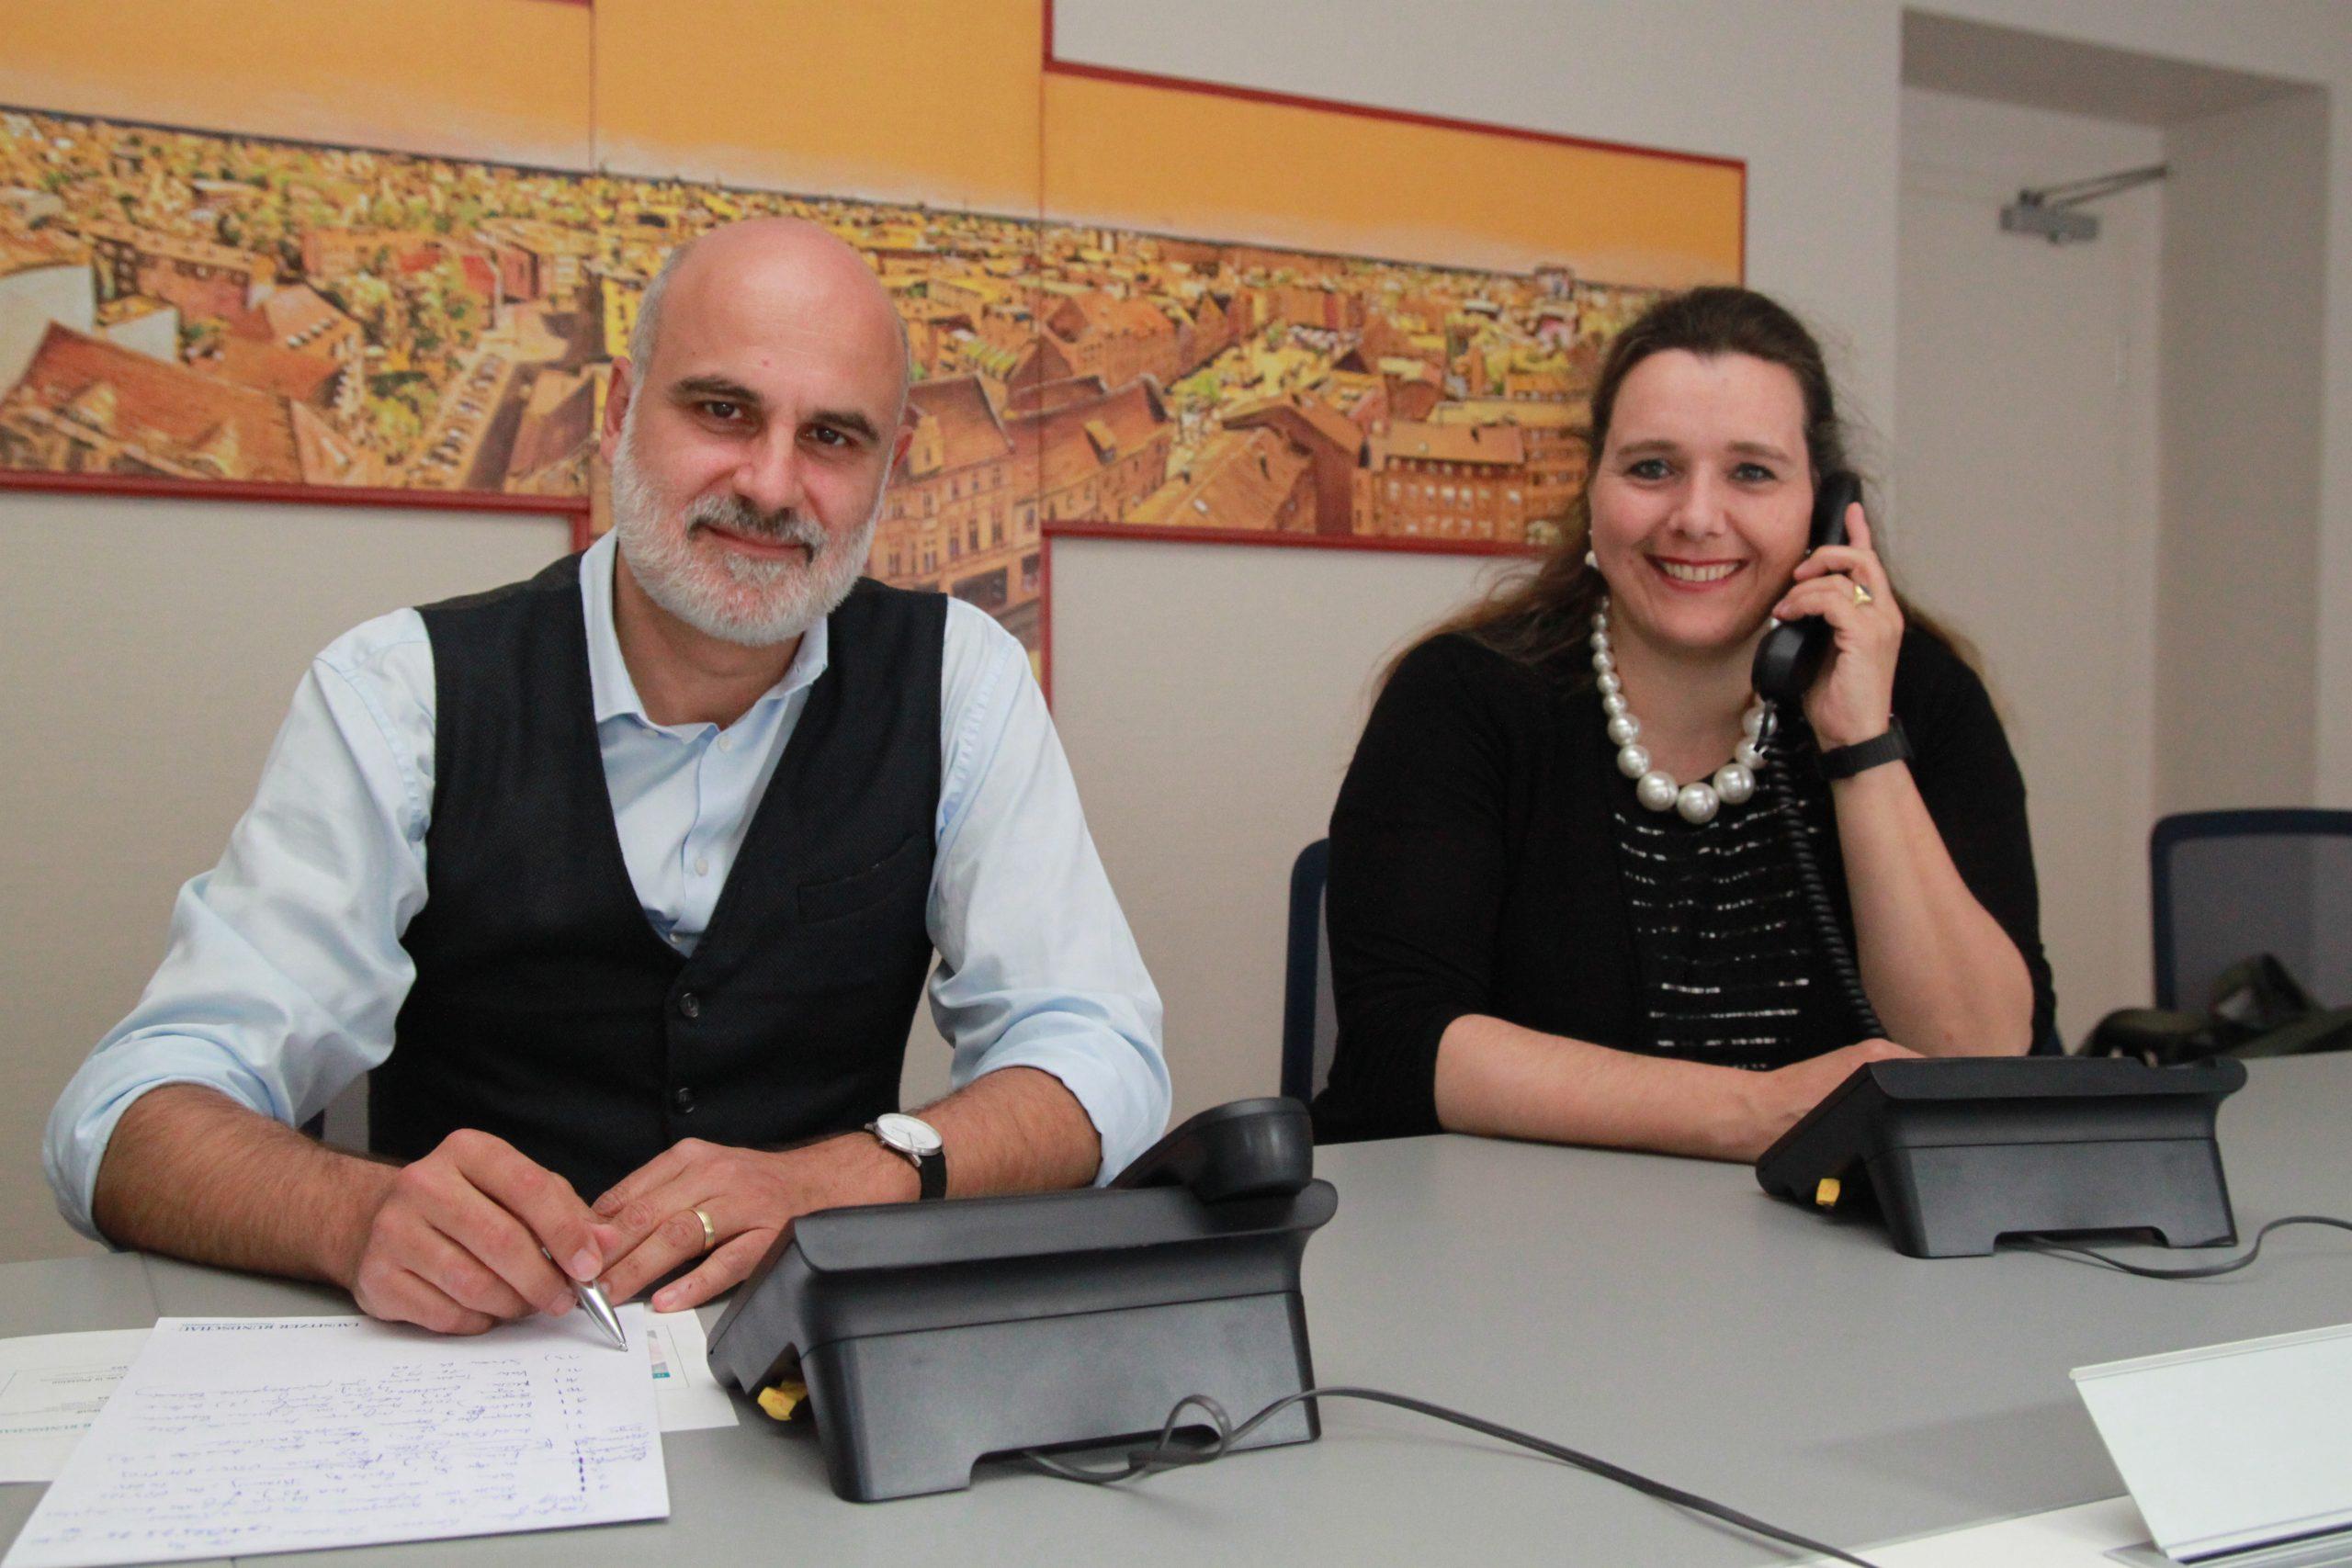 Gesundheitsexperten vom Klinikum Niederlausitz als gefragte Gesprächspartner